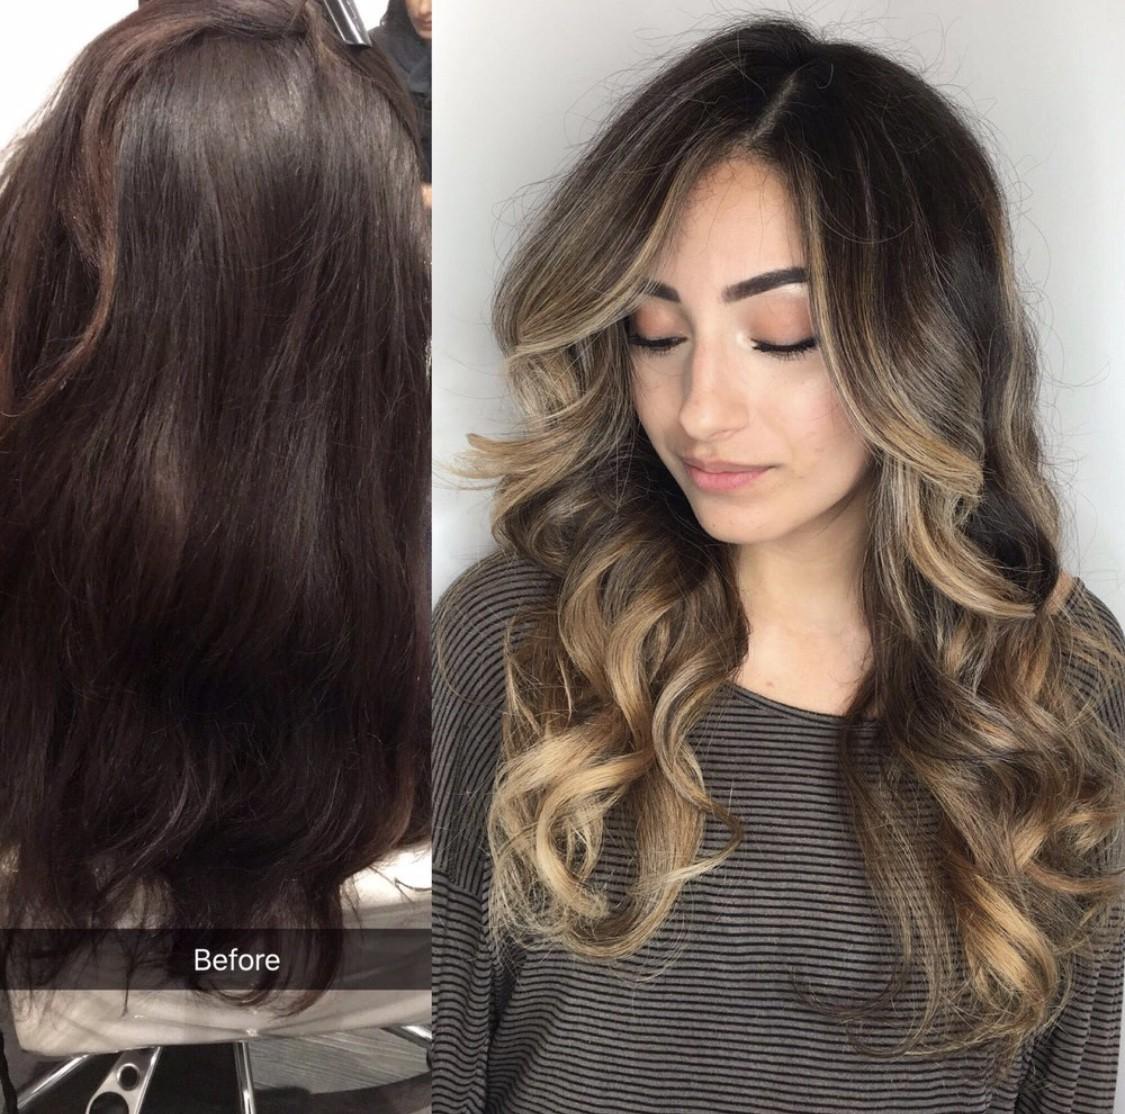 'Tôi đã chi rất nhiều tiền để nhuộm tóc và đây là 7 tip giữ màu tóc nhuộm bền đẹp' - chia sẻ của một hair stylist sẽ khai sáng cho các nàng tóc nhuộm - Ảnh 1